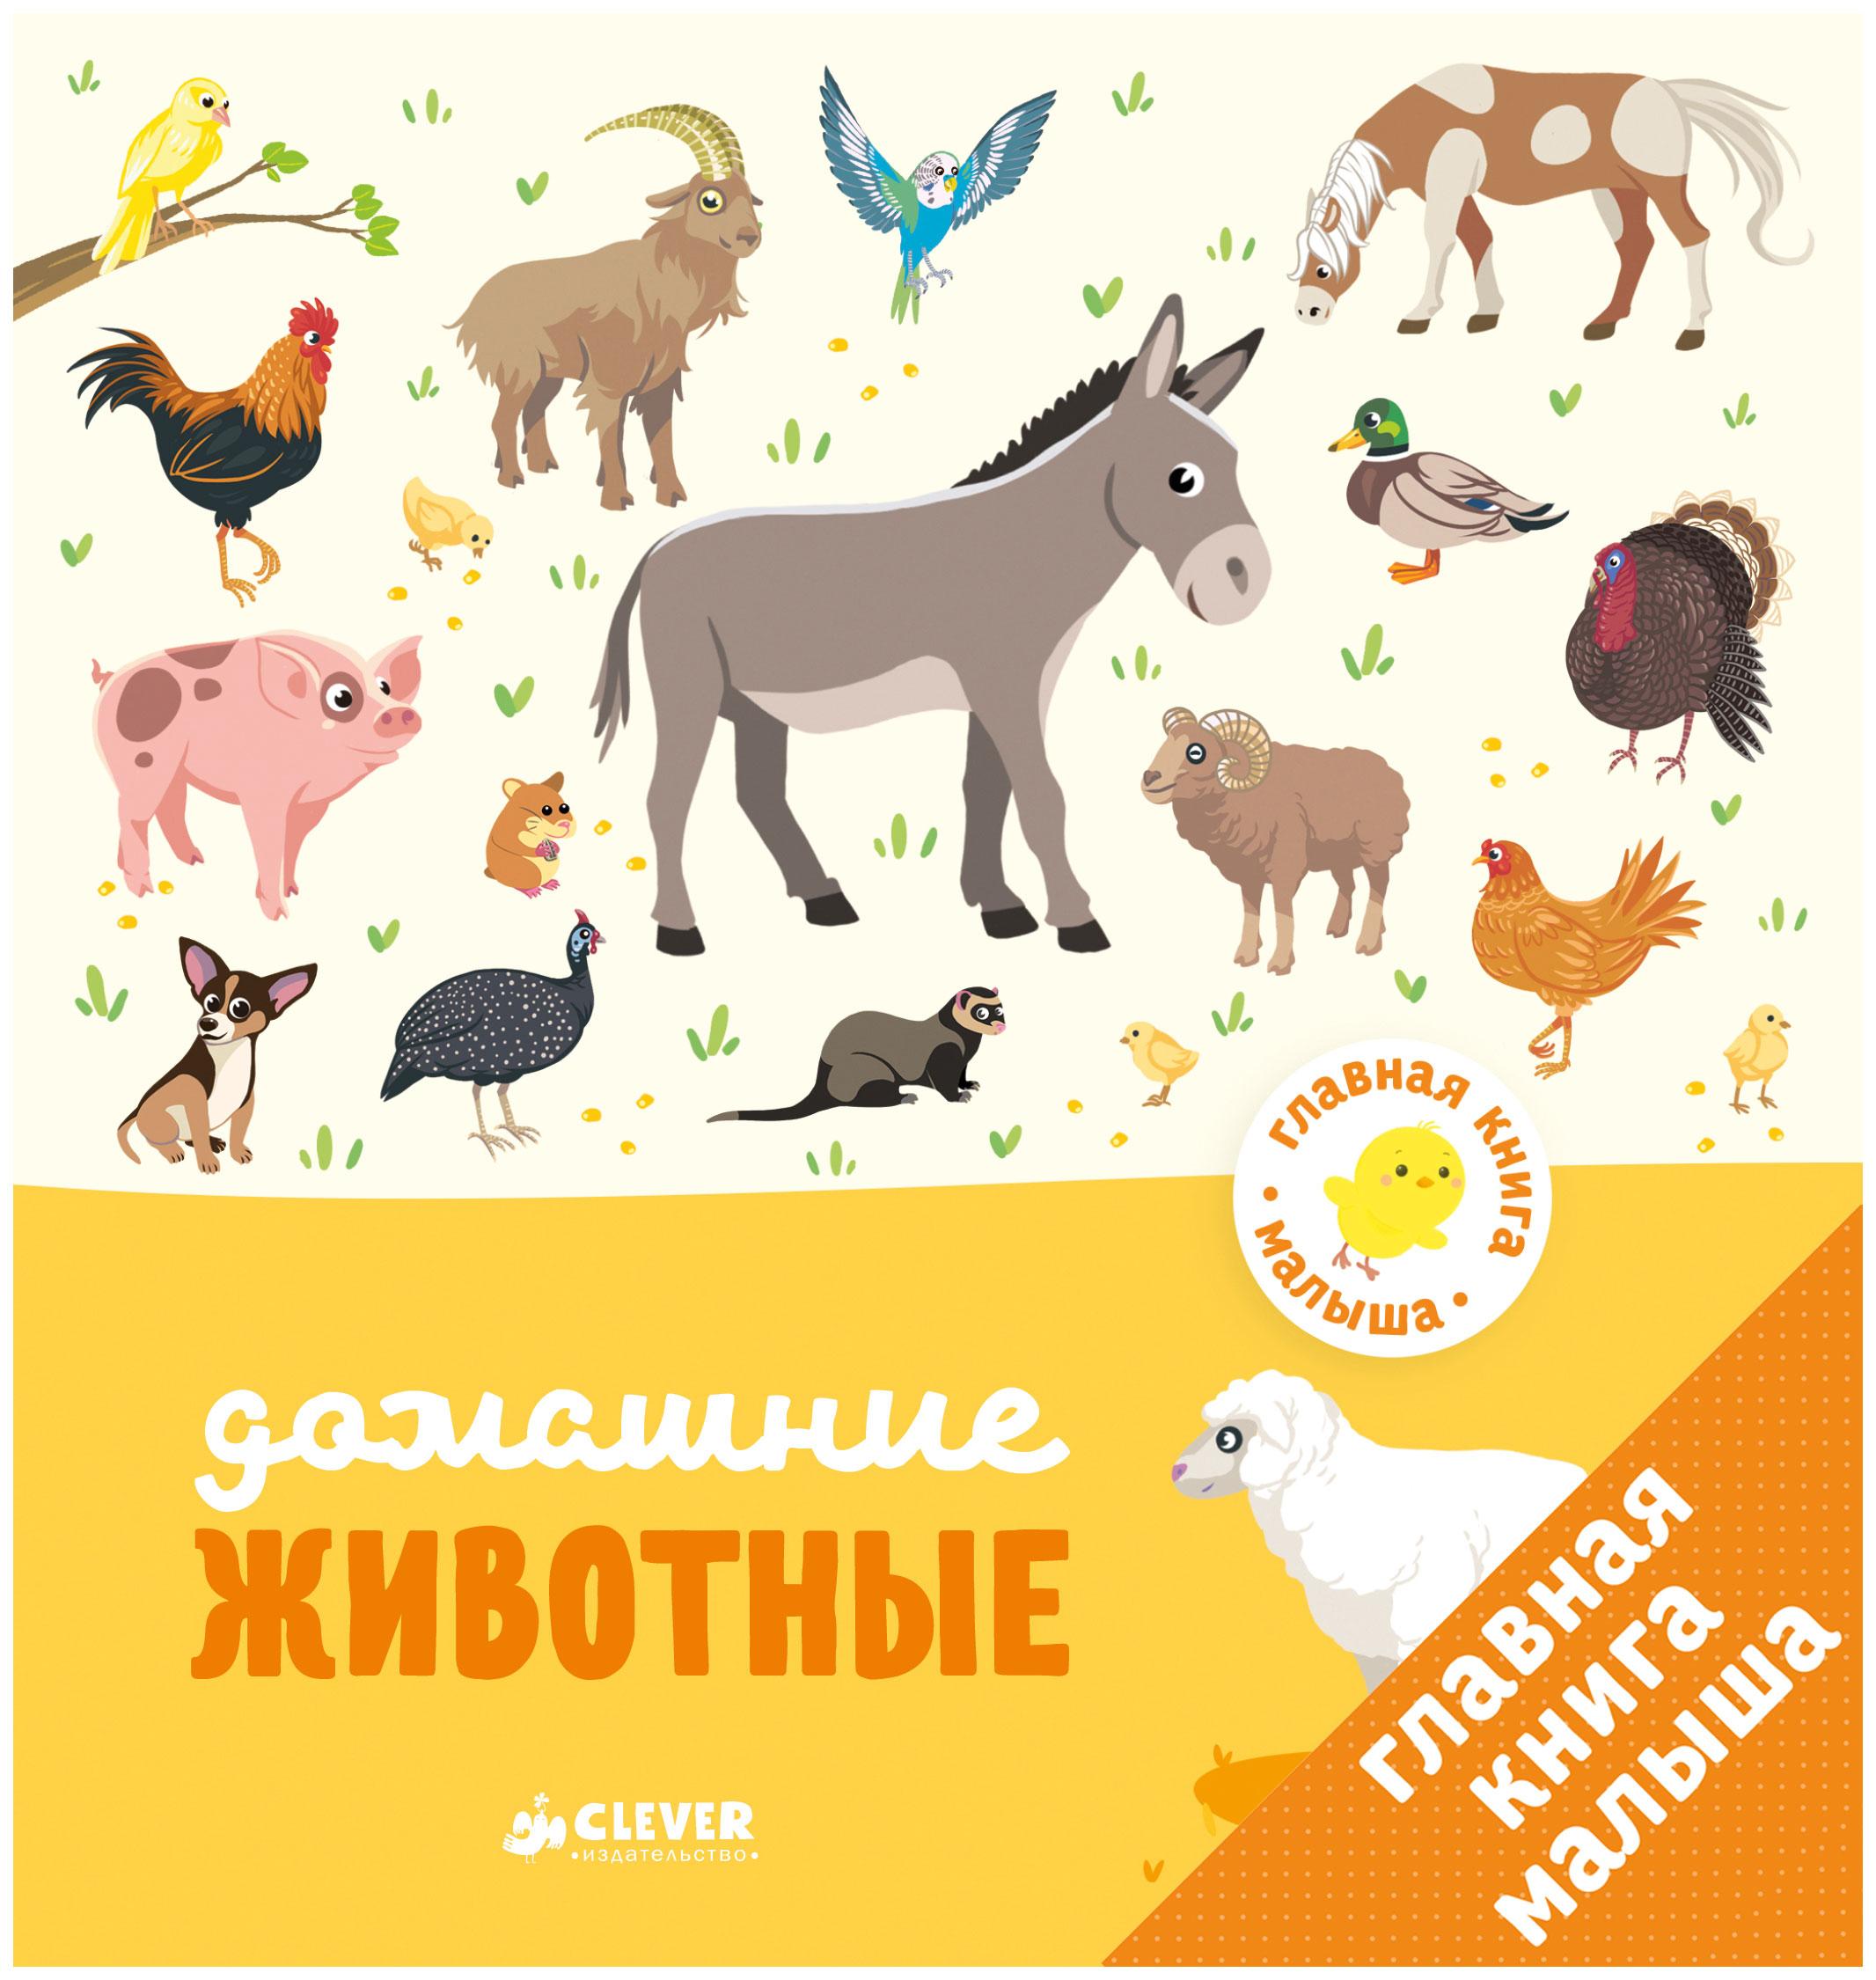 Книга клевер Агнес Бессон Главная книга Малыша Домашние Животные фото